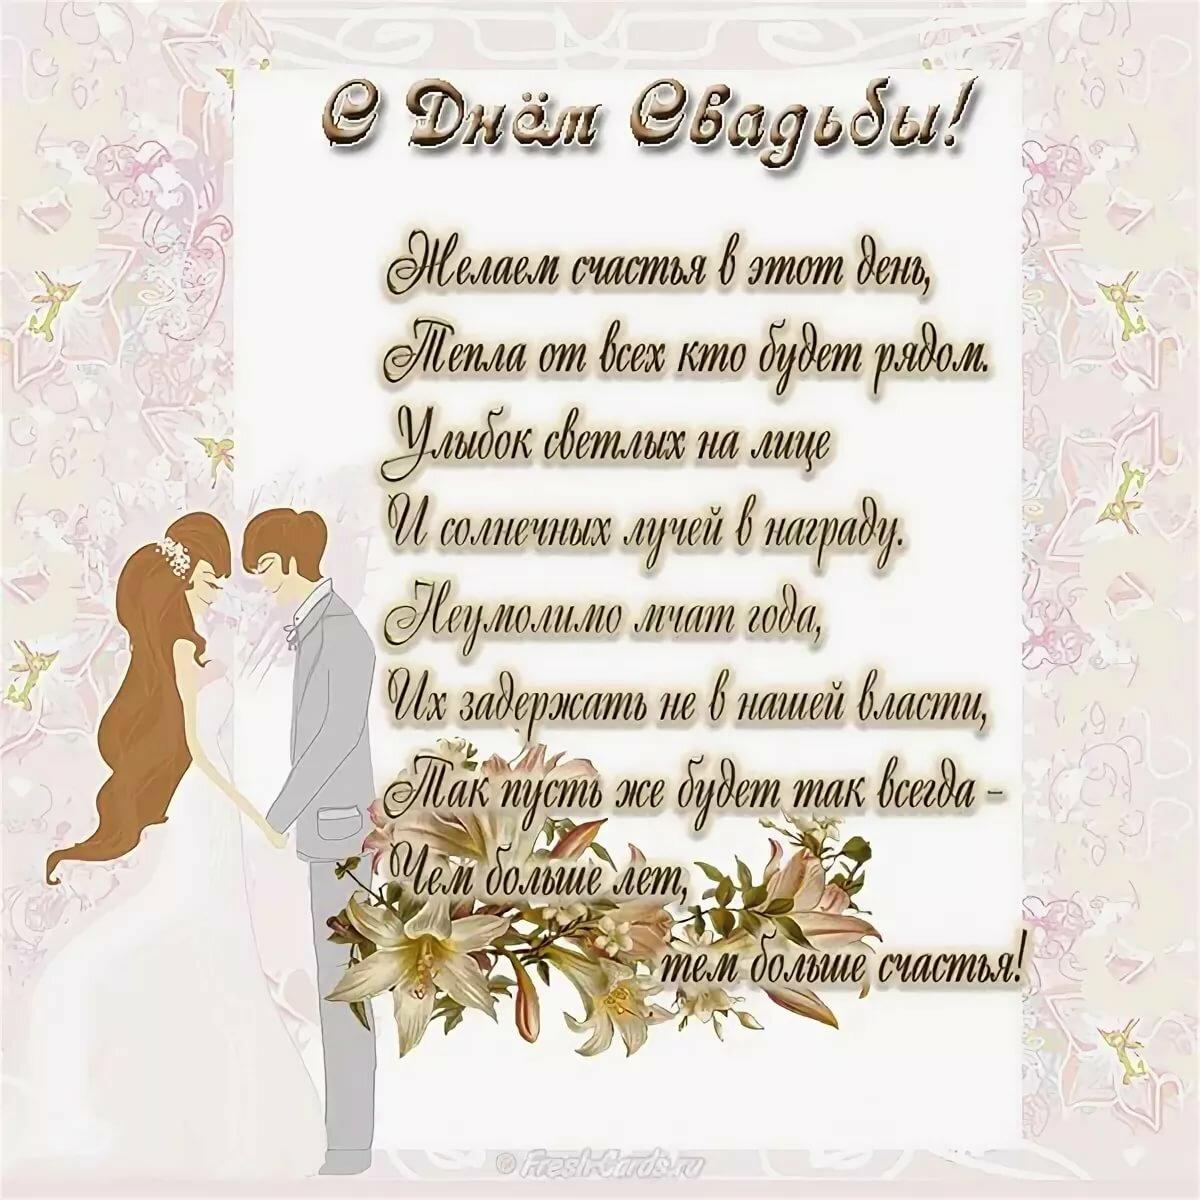 свадебные стихи и поздравления на английском участвовала конкурсе